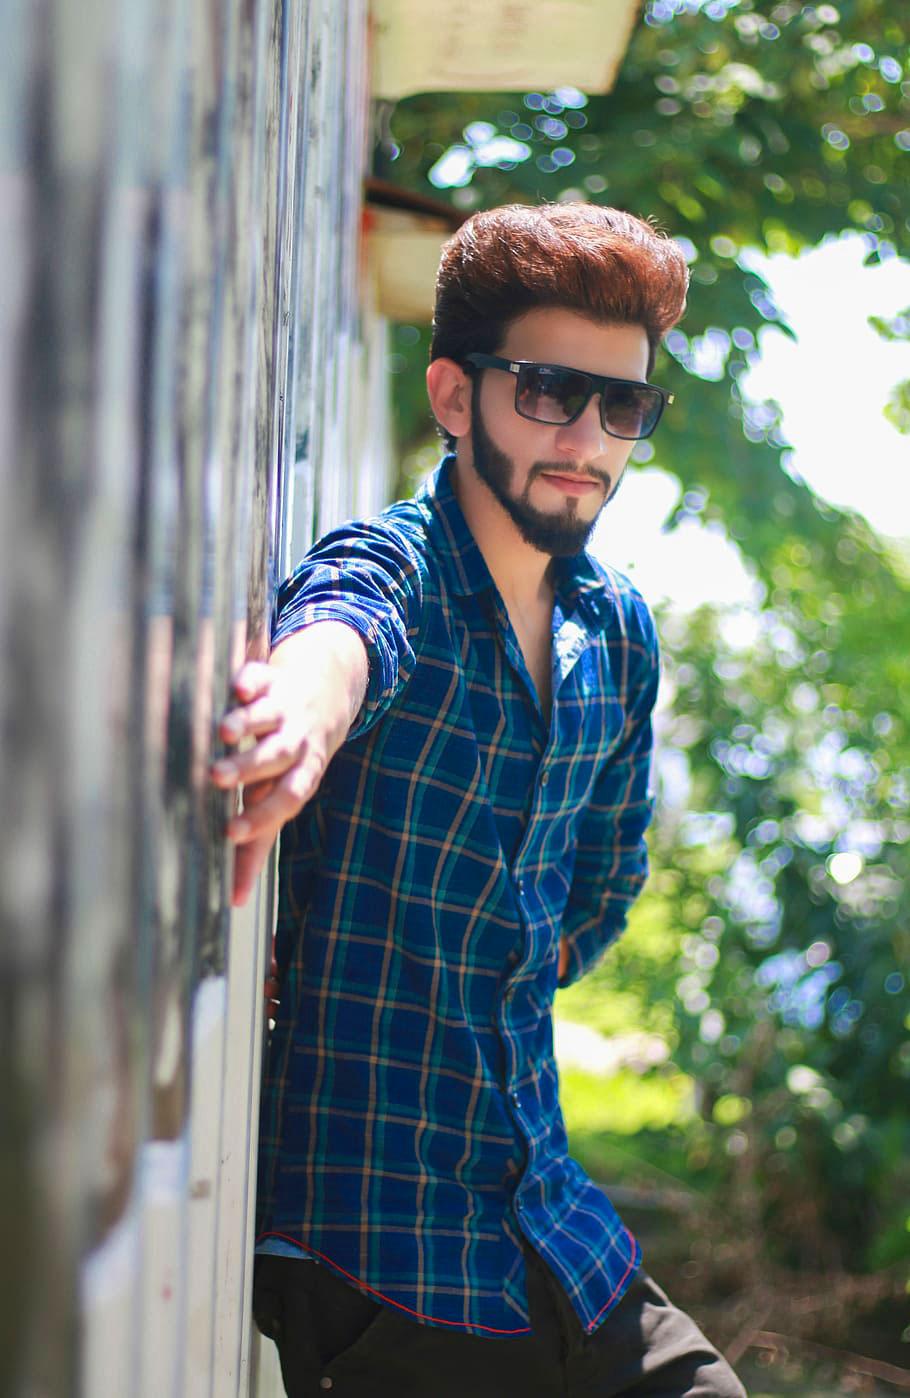 Free HD Single Boy Whatsapp Dp Pics Wallpaper